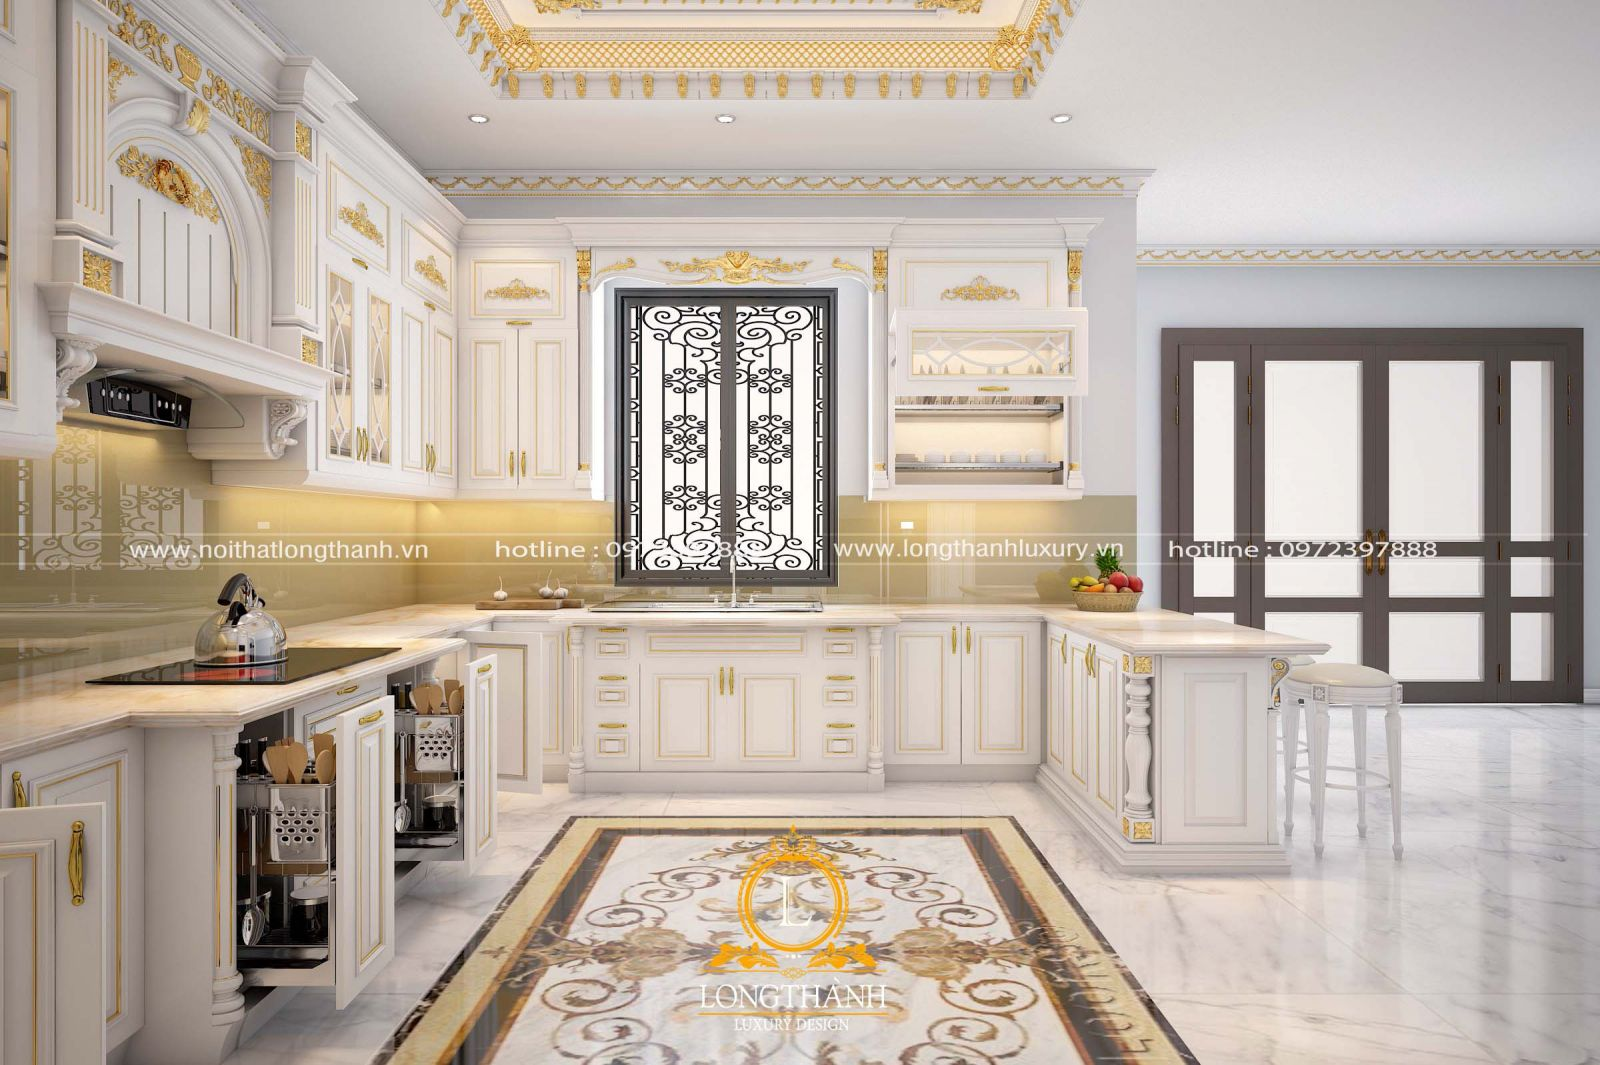 Những cánh tủ bếp tân cổ điển với thiết kế thông minh cho sự tiện nghi